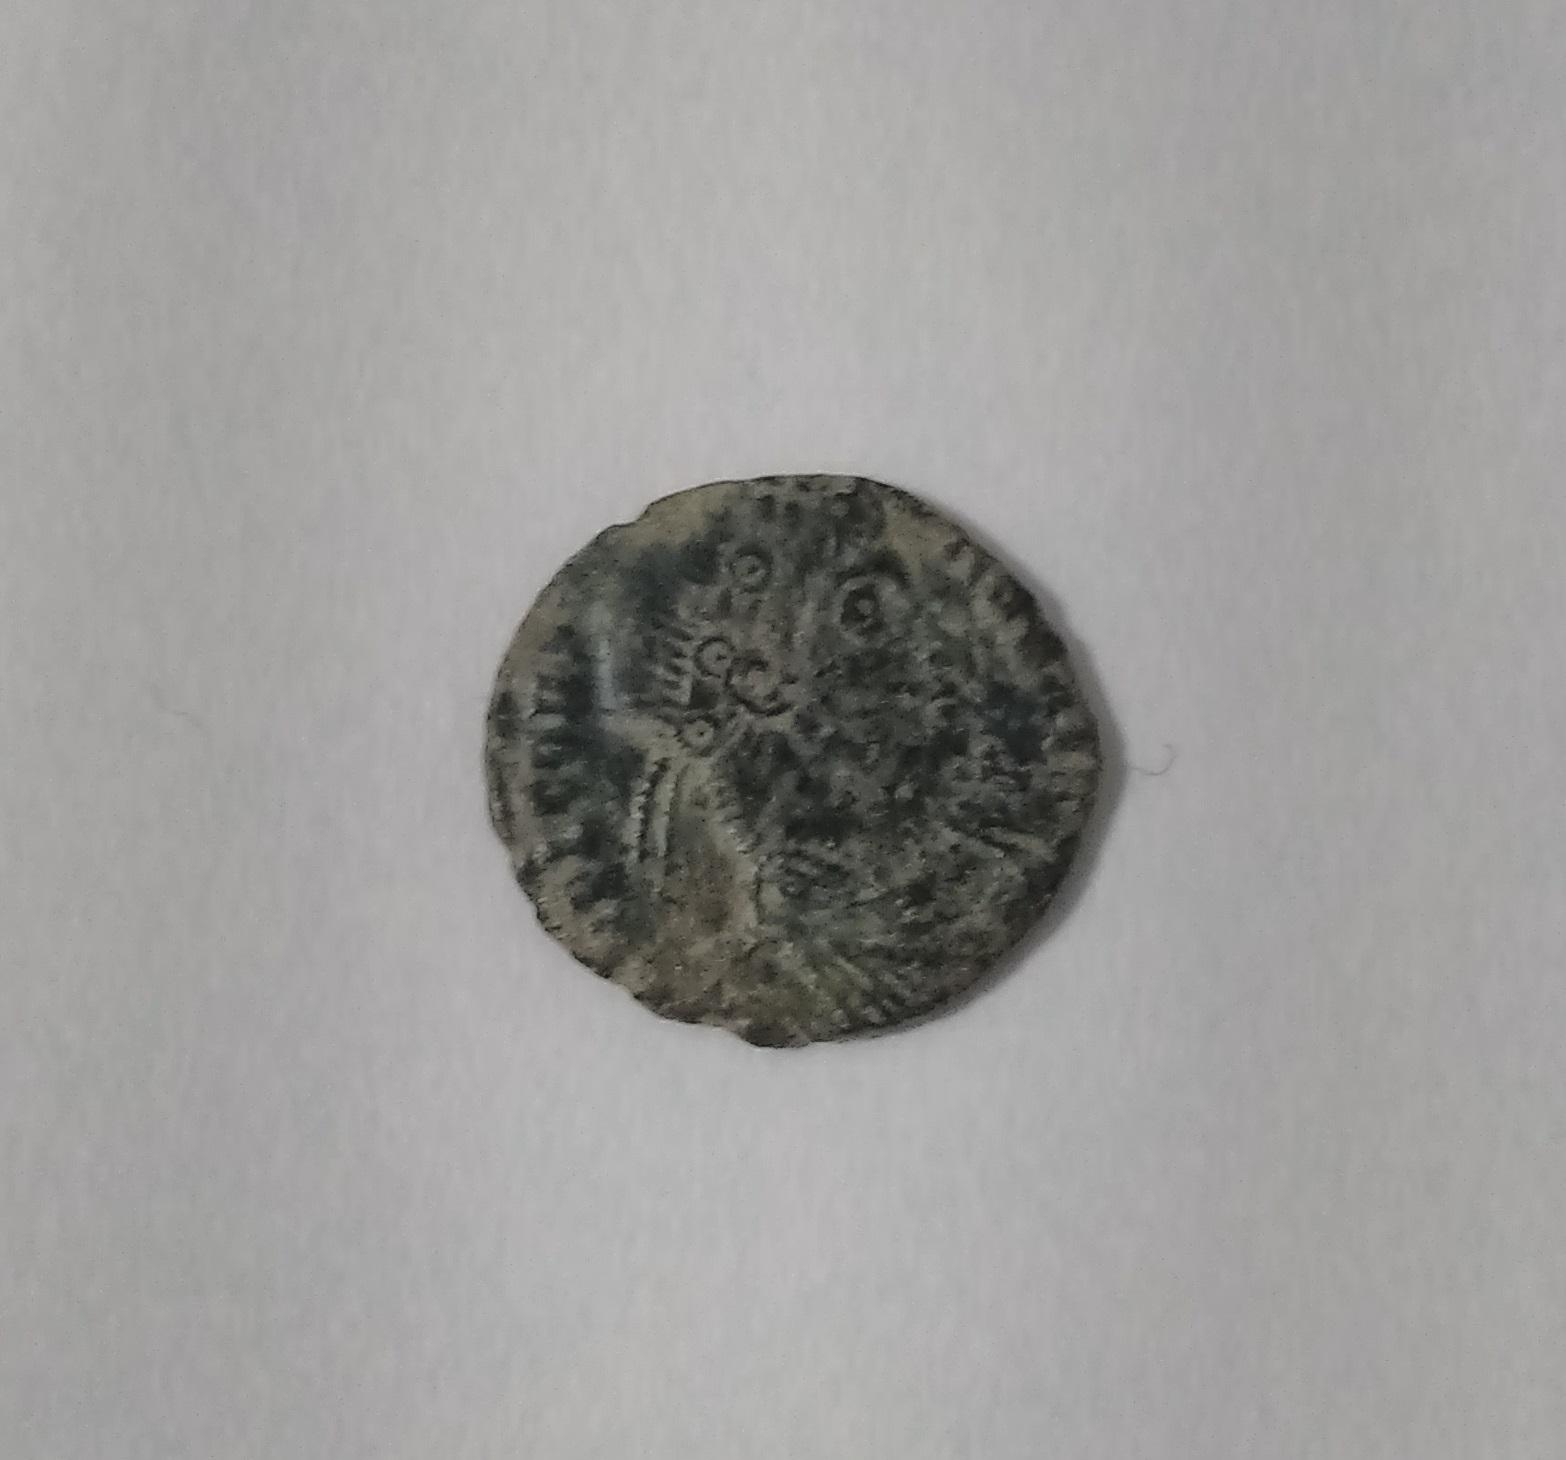 Limpiar/medio restaurar monedas posiblemente romanas 2utjnrq